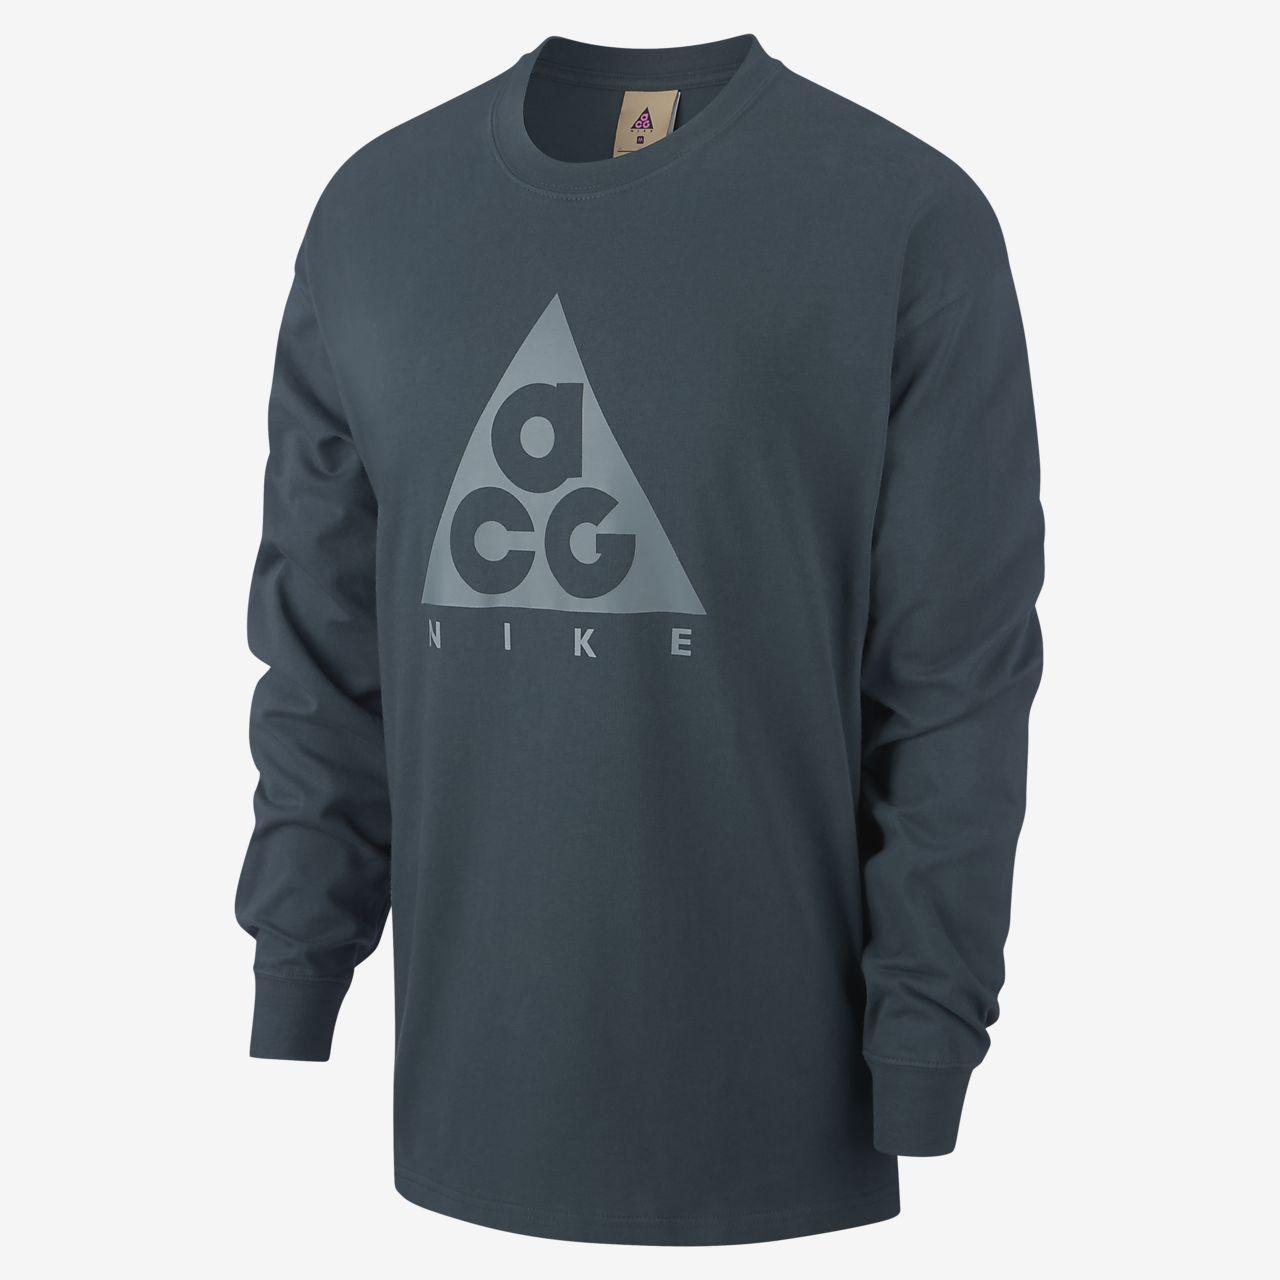 ナイキ ACG ロングスリーブ Tシャツ